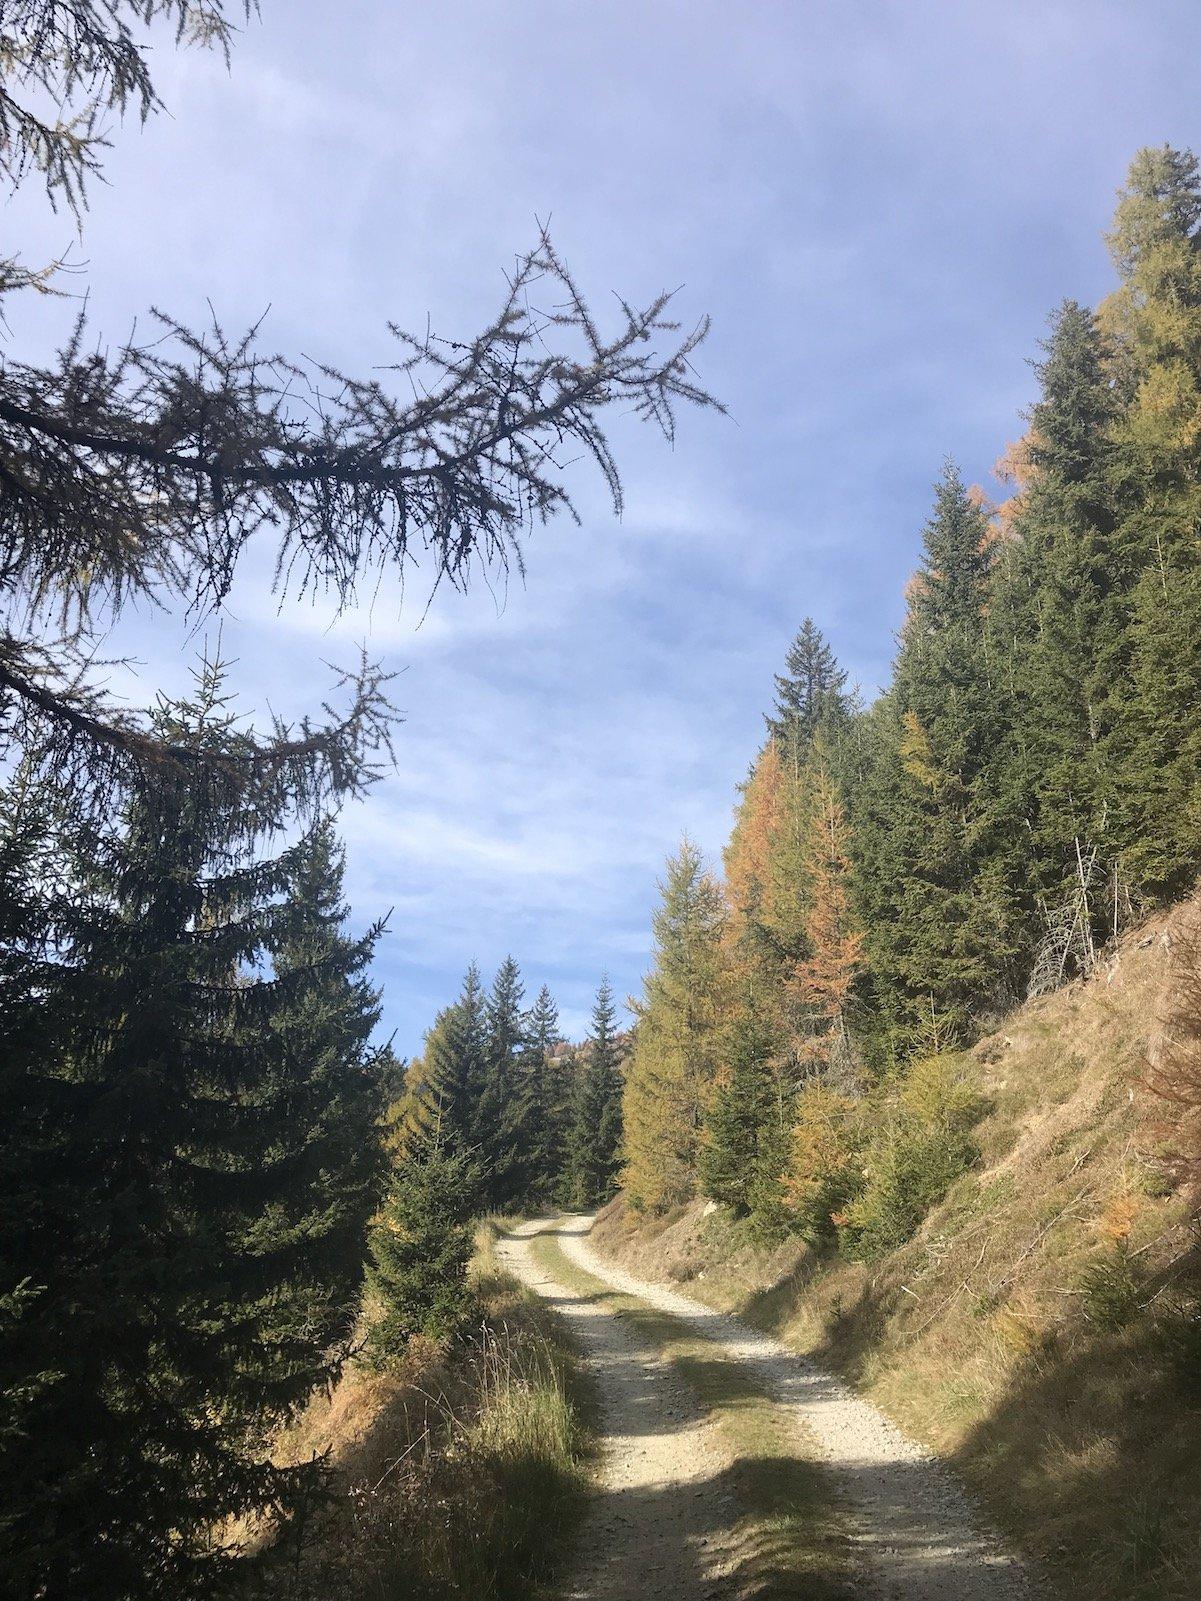 Meine Wanderautobahn mit schönen herbstlichen Bäumen an den Seiten